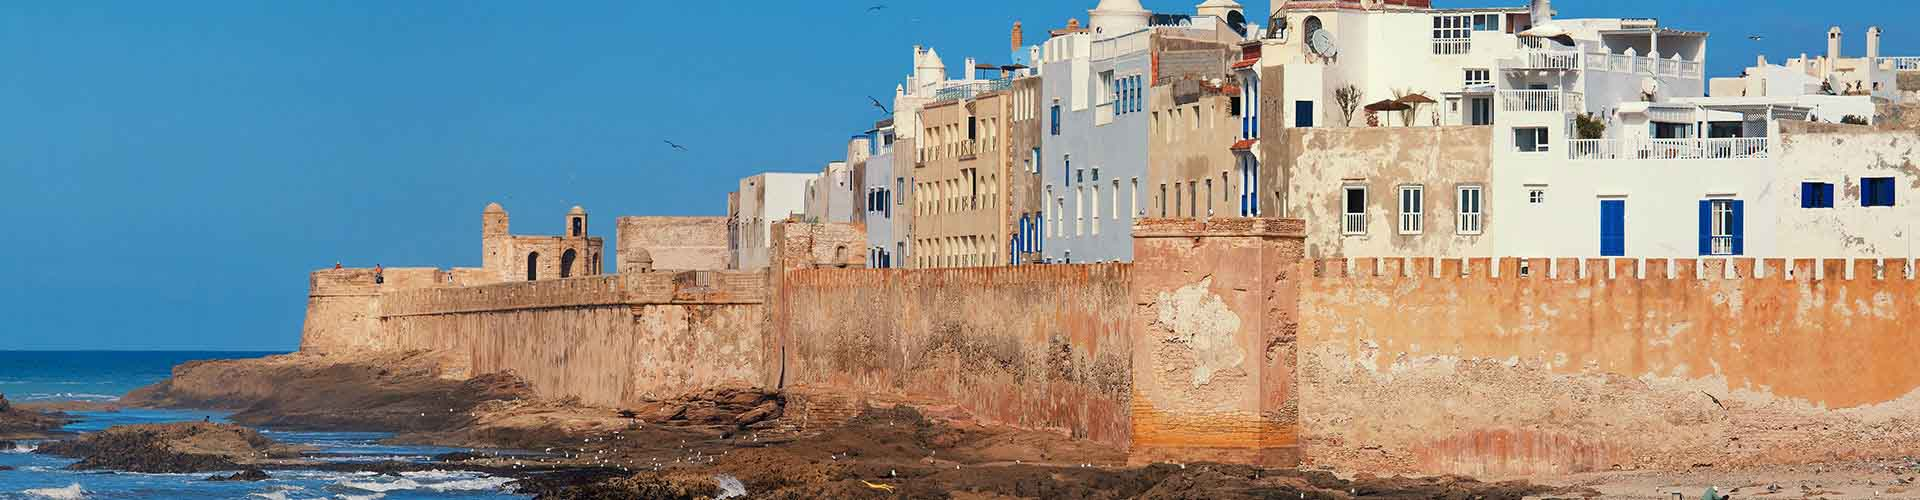 Essaouira - Apartamentos en Essaouira. Mapas de Essaouira, Fotos y comentarios de cada Apartamento en Essaouira.